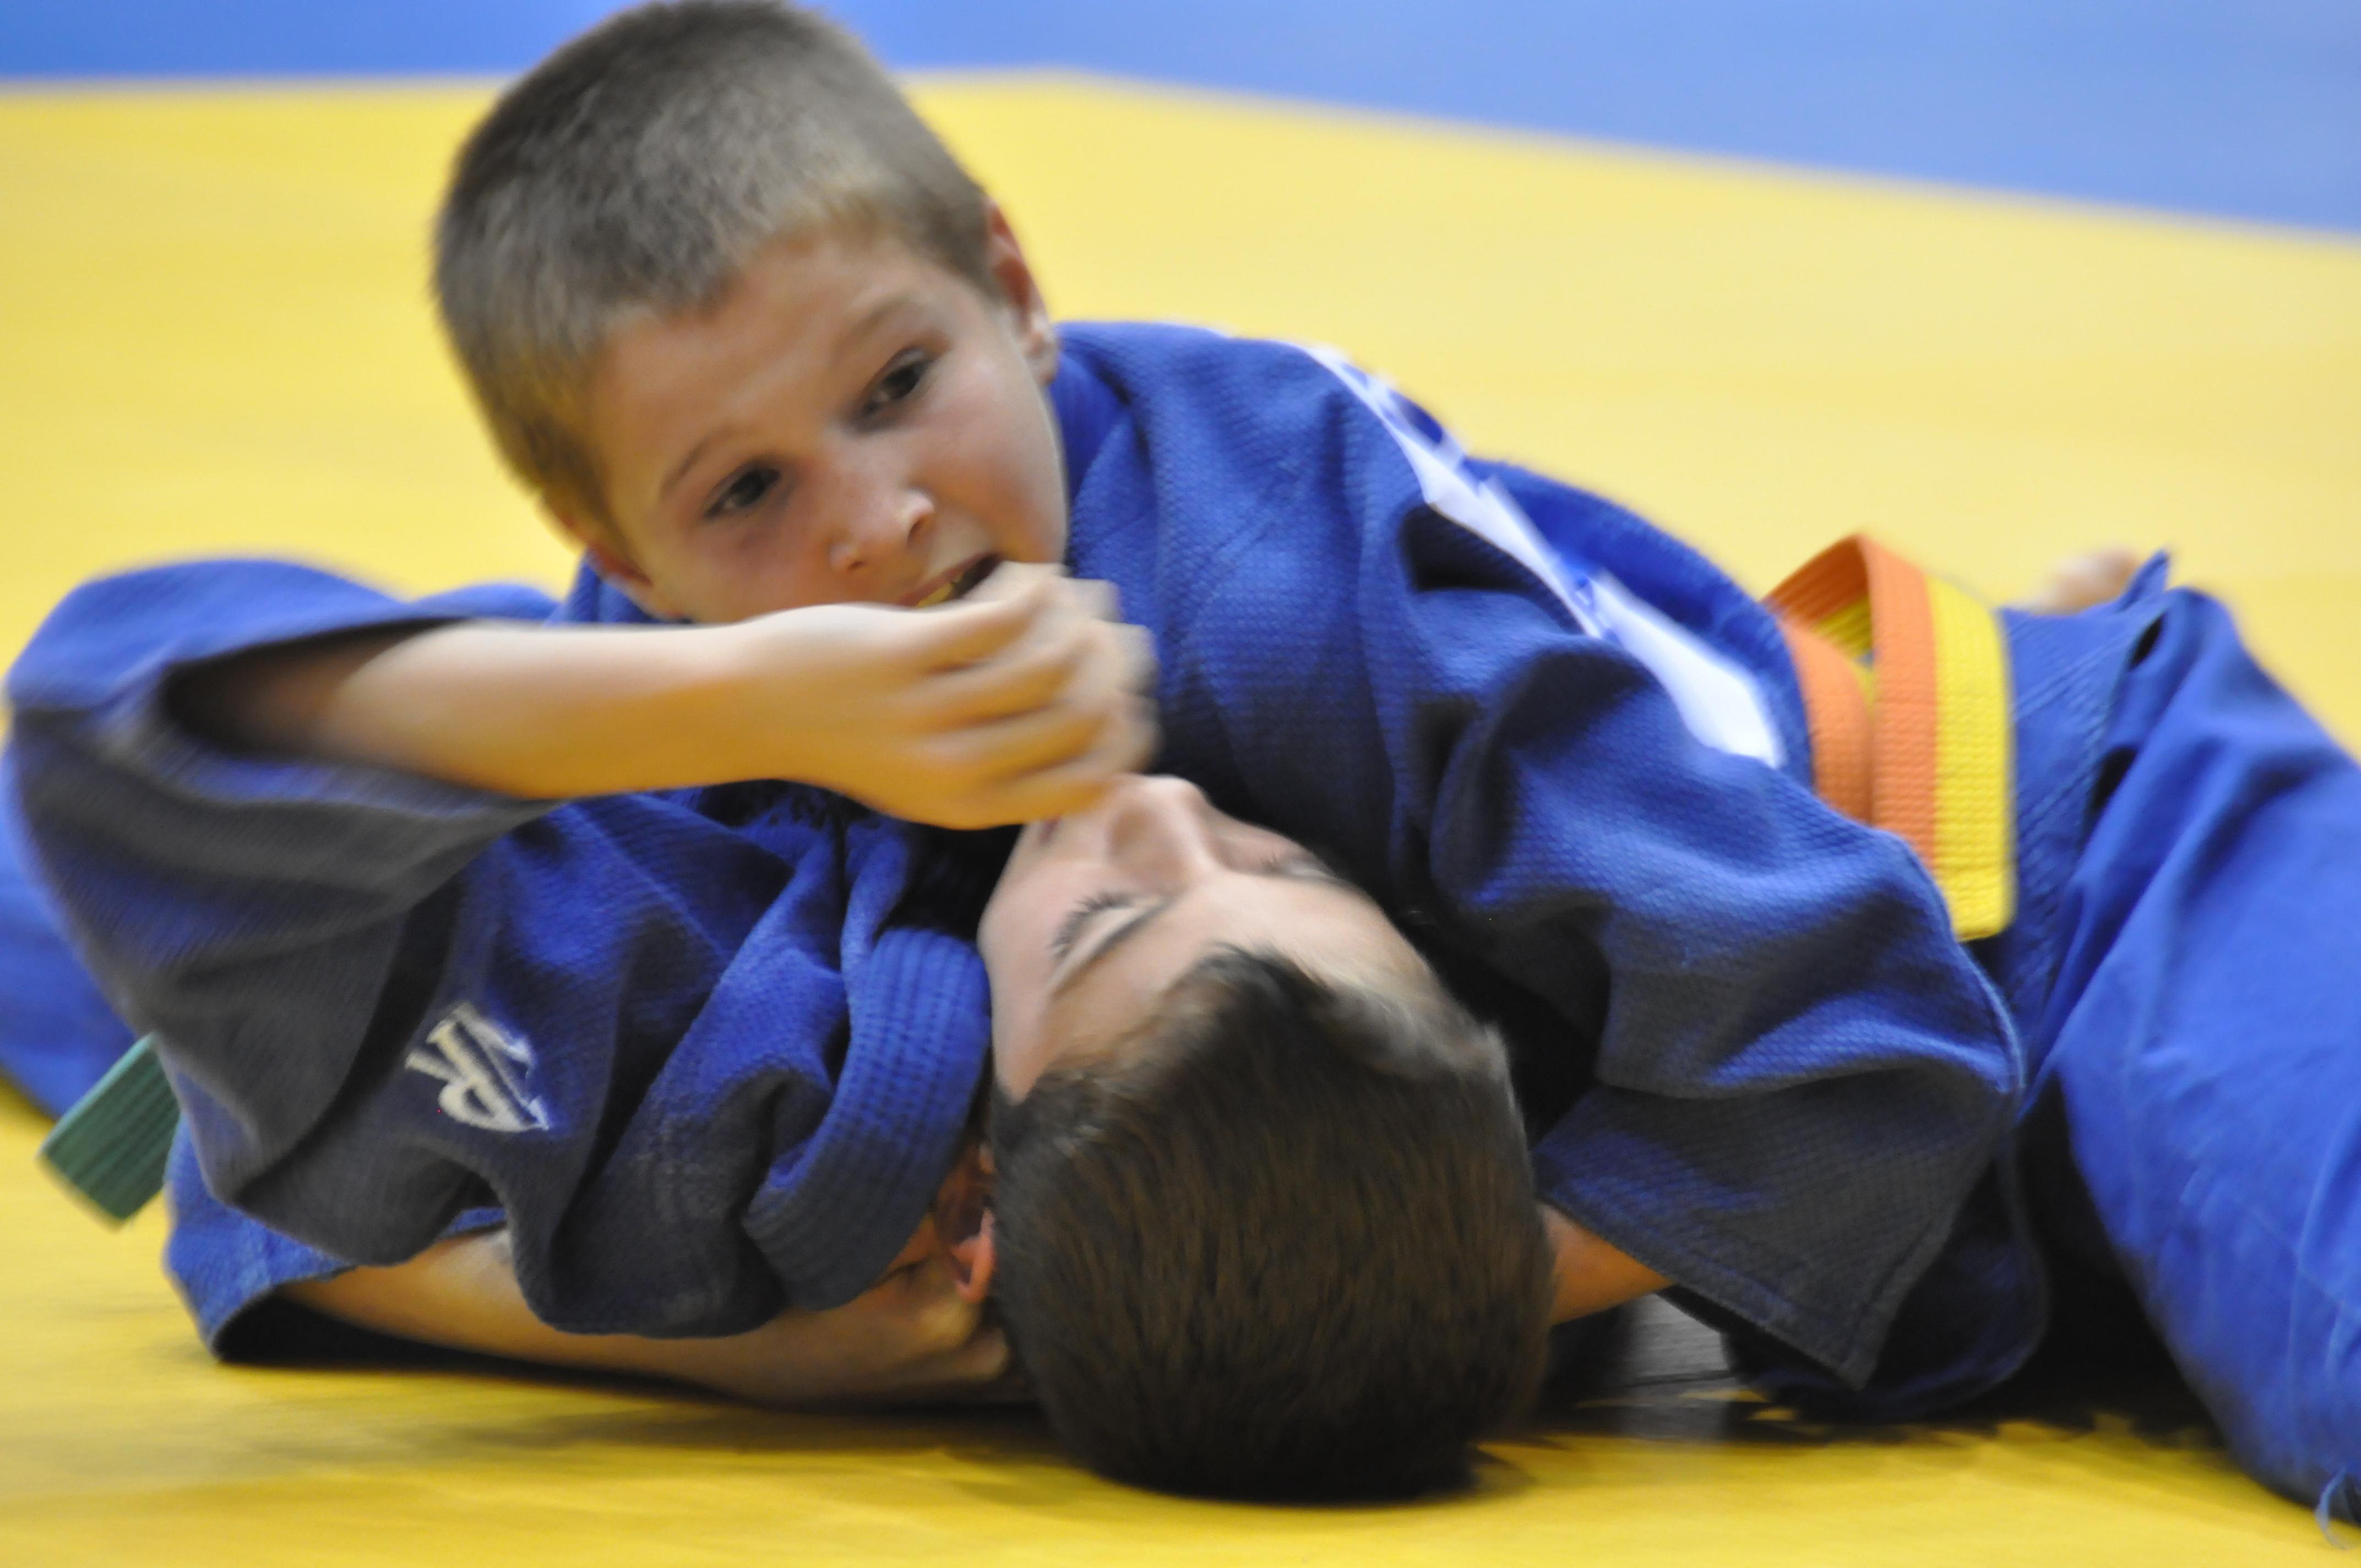 דולב, אליפות איגוד 2013